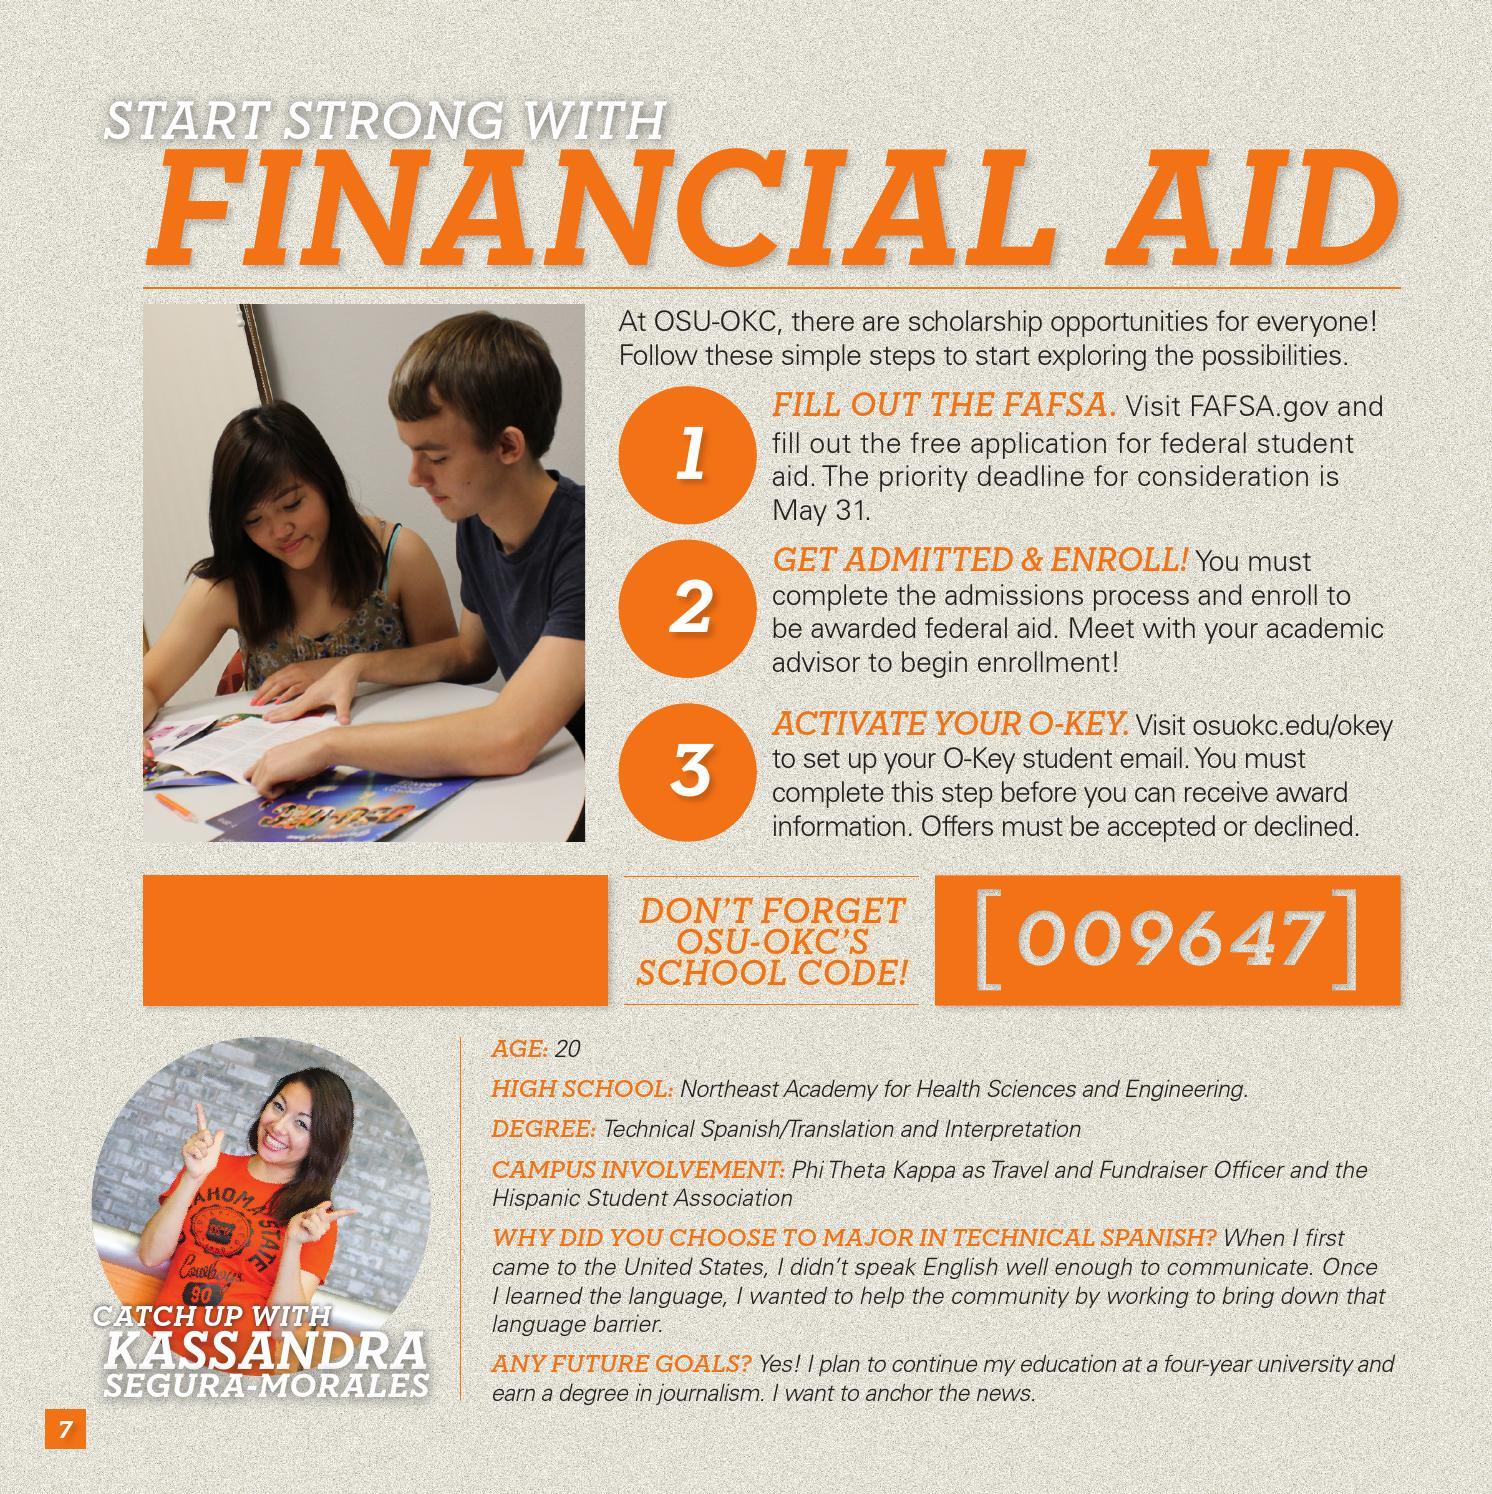 JANICE: Osu okc financial aid